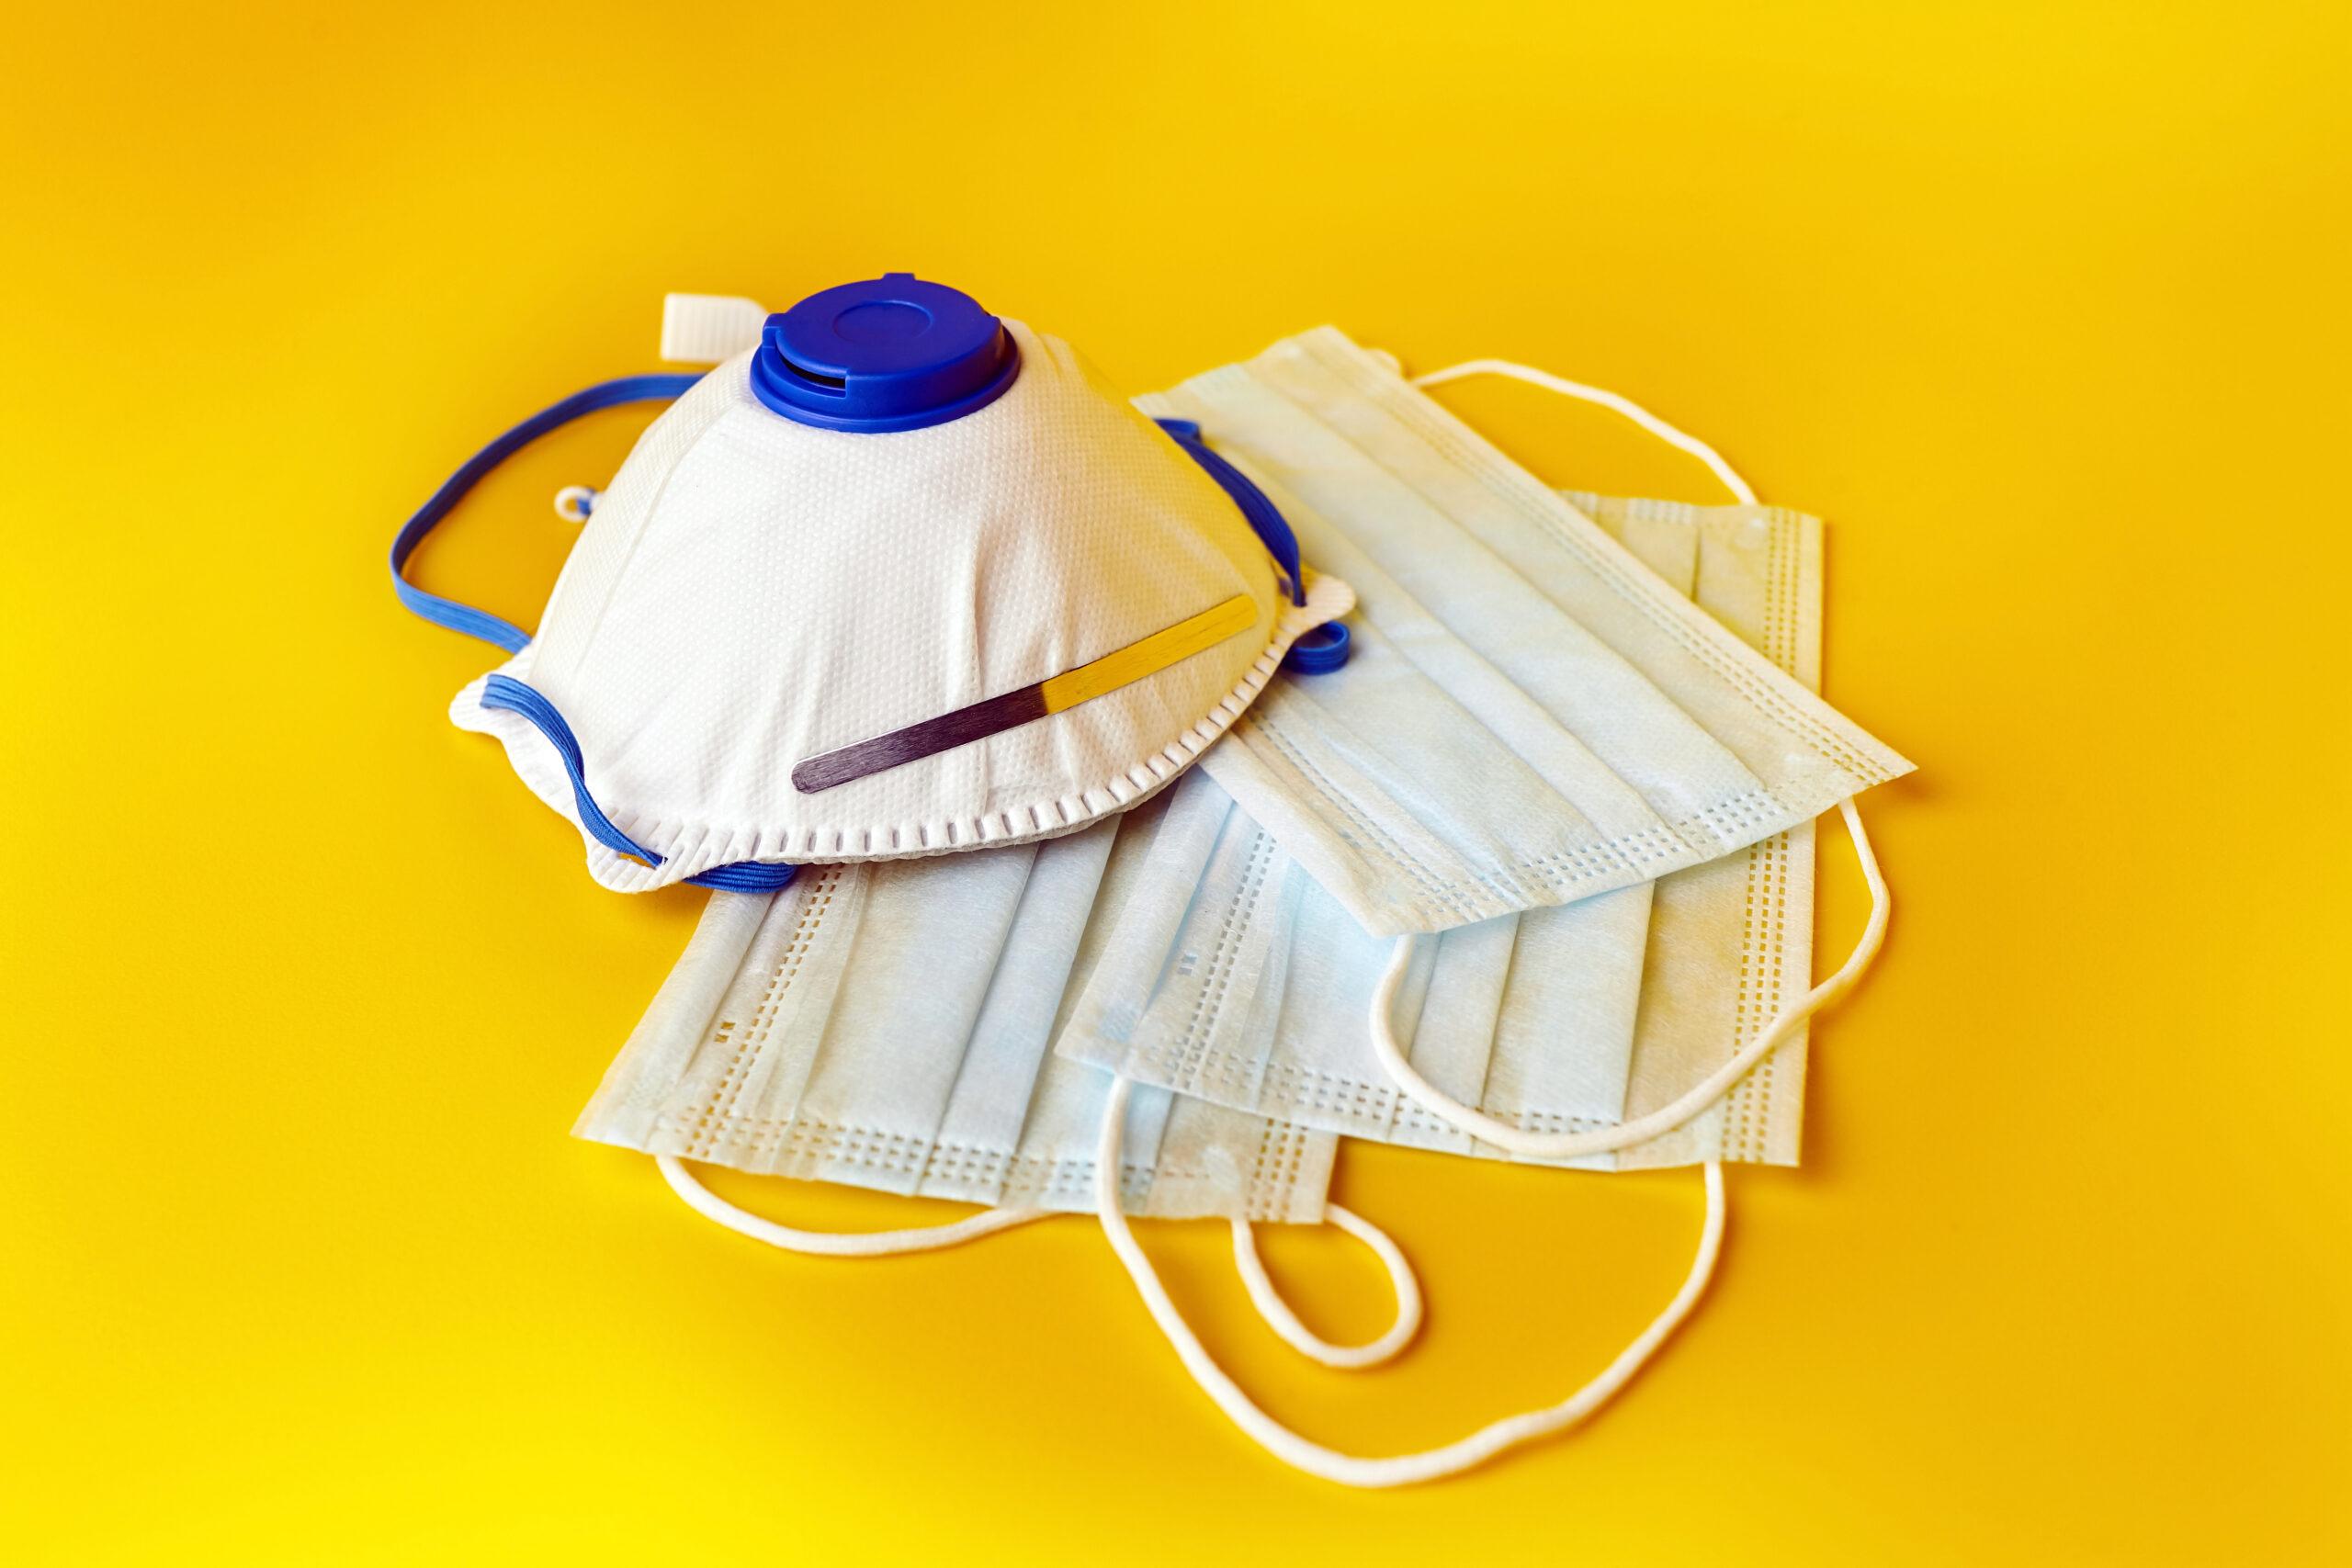 SPD fordert Verteilung von medizinischen Masken an Bedürftige